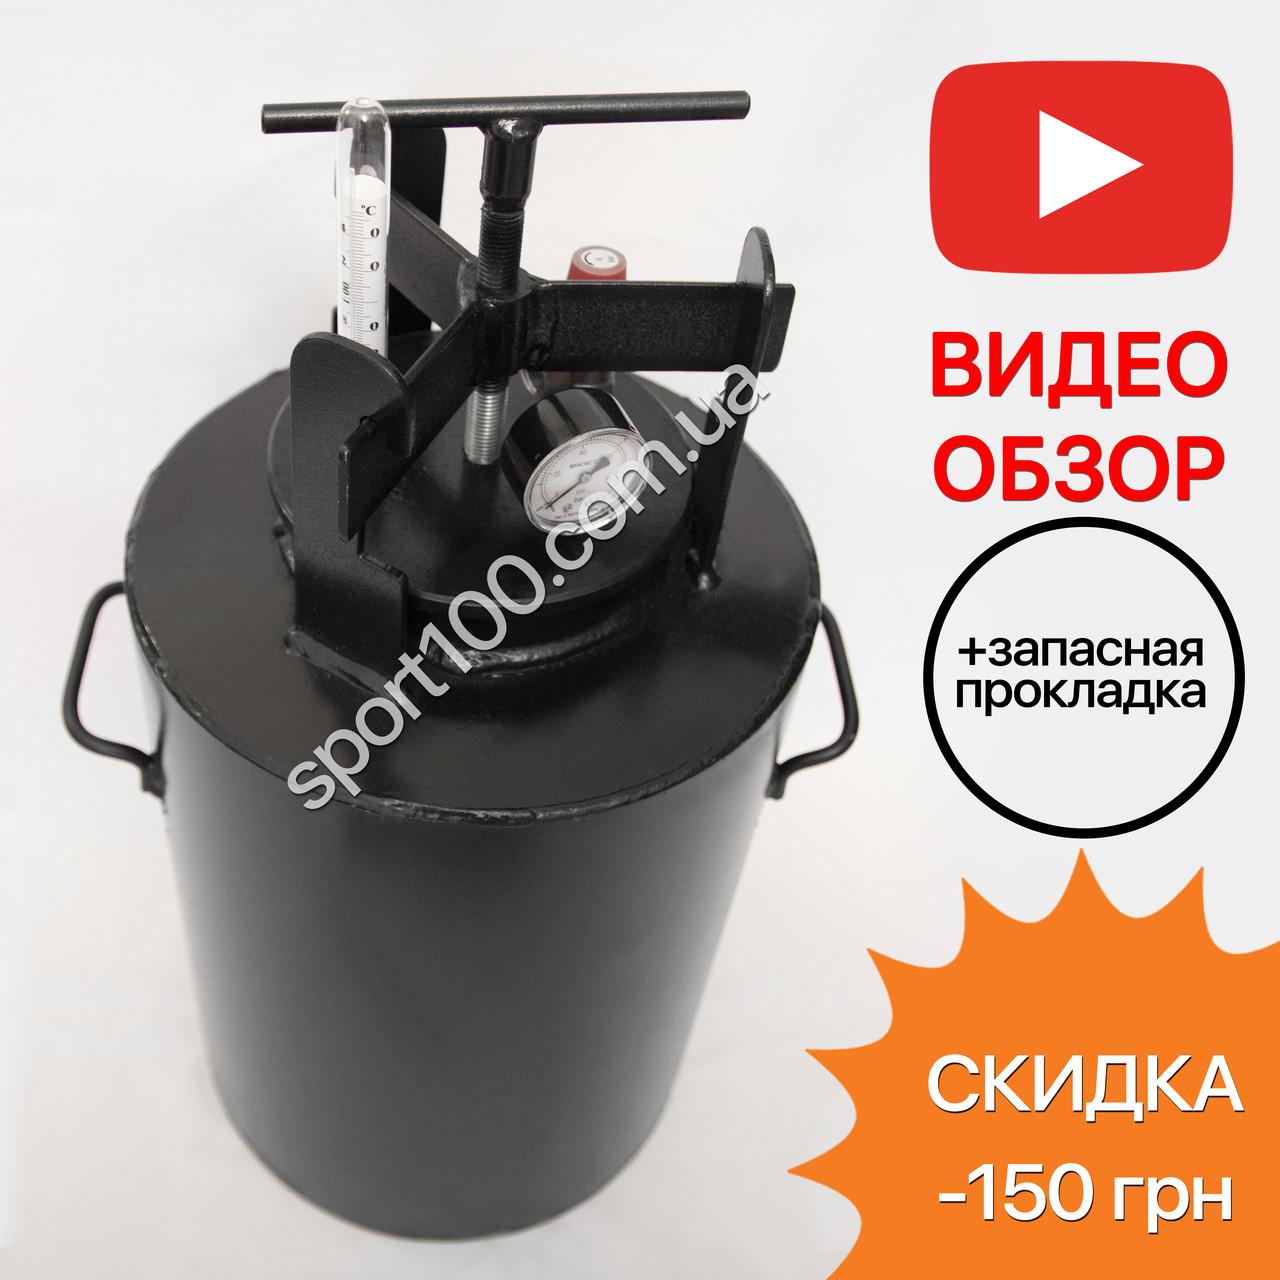 Автоклав бытовой на 10 банок (винтовой) + запасная прокладка газовый домашний для консервирования